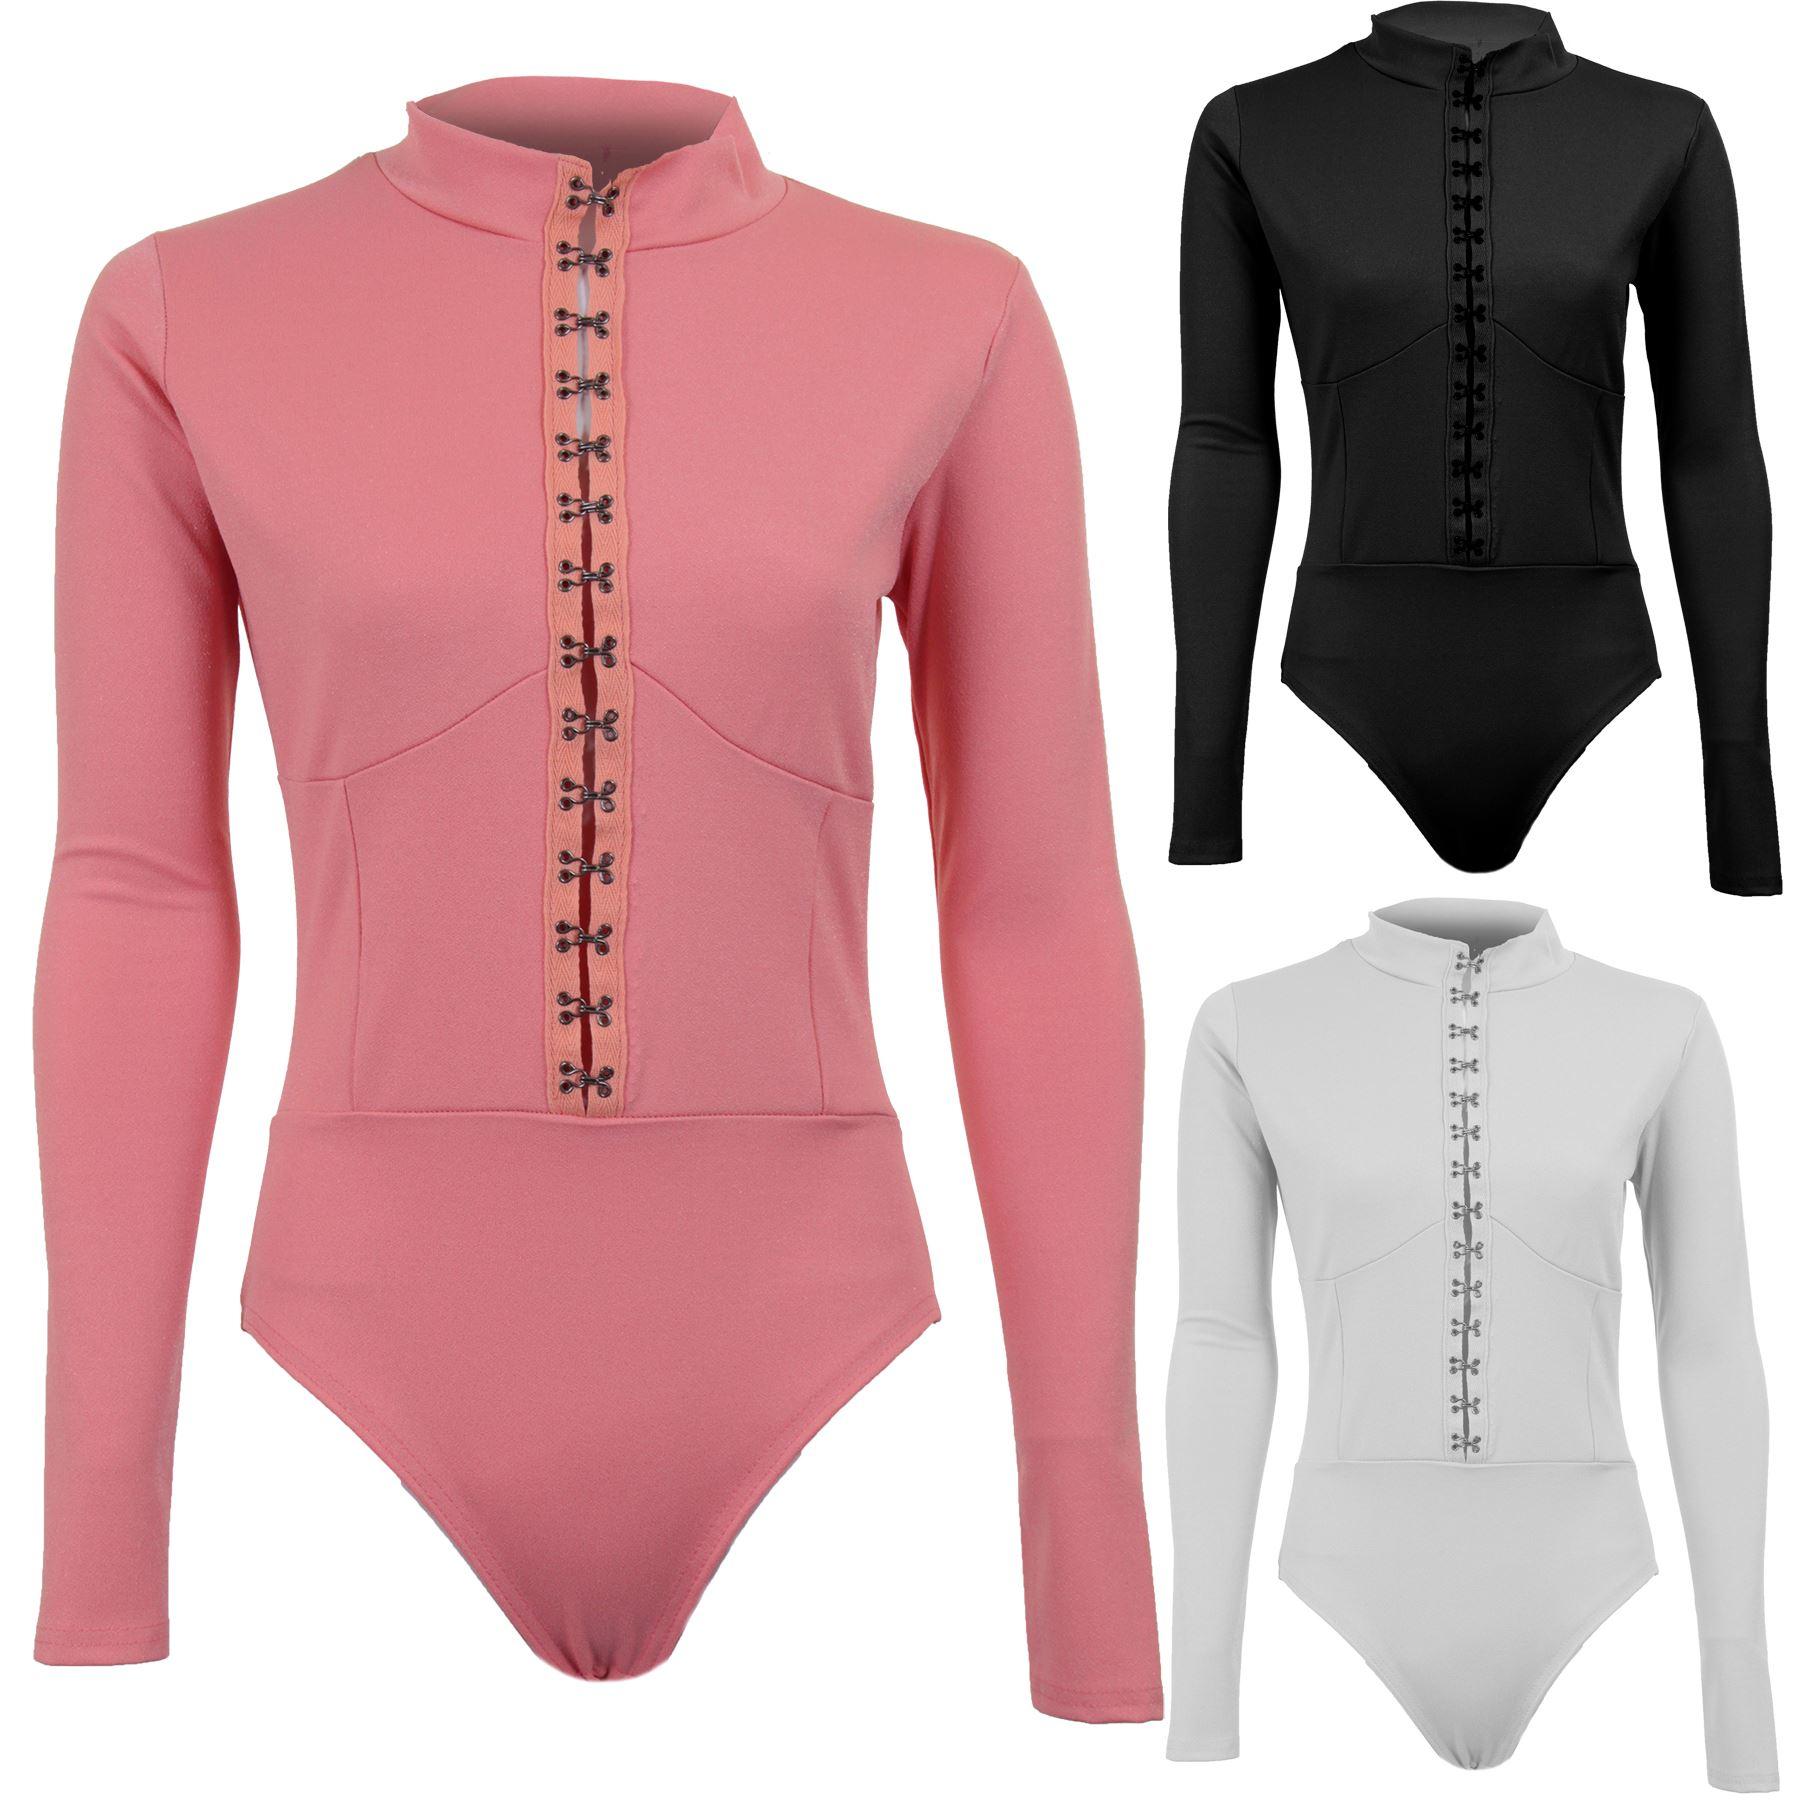 NEU Damen schlicht hoch Rollkragen Ausschnitt lang sleece Body Oberteil UK 8-14